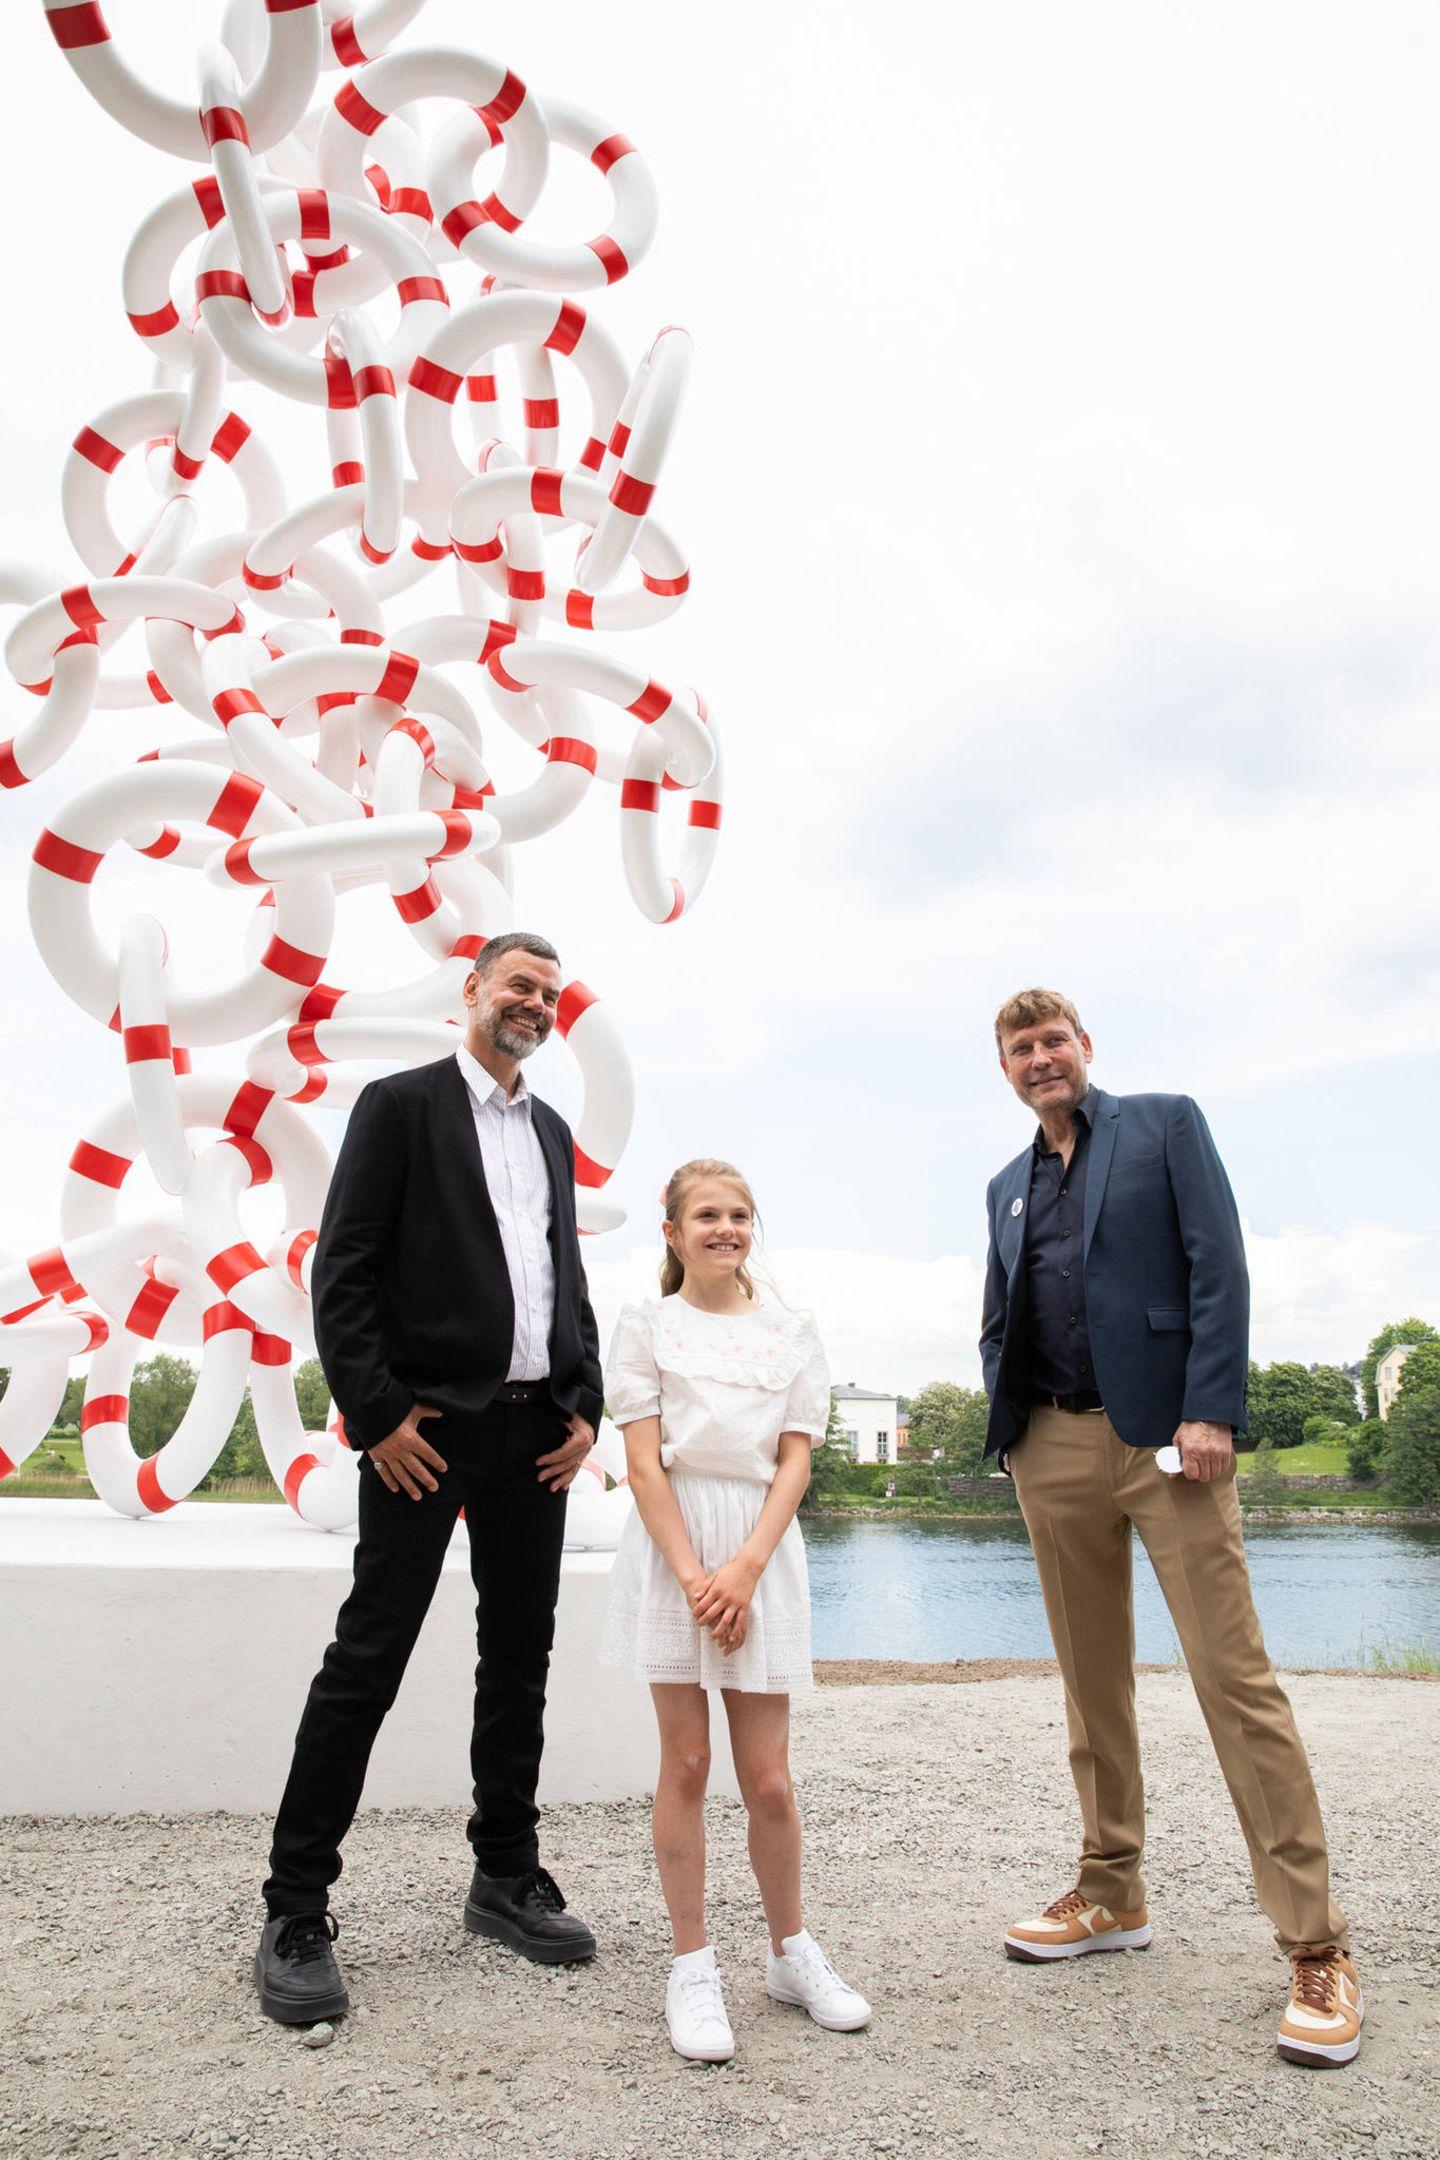 Kleine Kronprinzessin ganz groß: Prinzessin Estelle weiht im StockholmerDjurgården eine Skulptur ein und posiert dafür mit den Künstlern für die Fotografen. Sie trägt eine niedliche Kombibestehend aus weißer Bluse mit Spitzenkragen und einem weißen Röckchen. Auf der Bluse von Bonpoint (rund 210 Euro) sind kleine rosa Blumen zu erkennen. Dazu kombiniert sie weiße Stan-Smith-Sneaker.